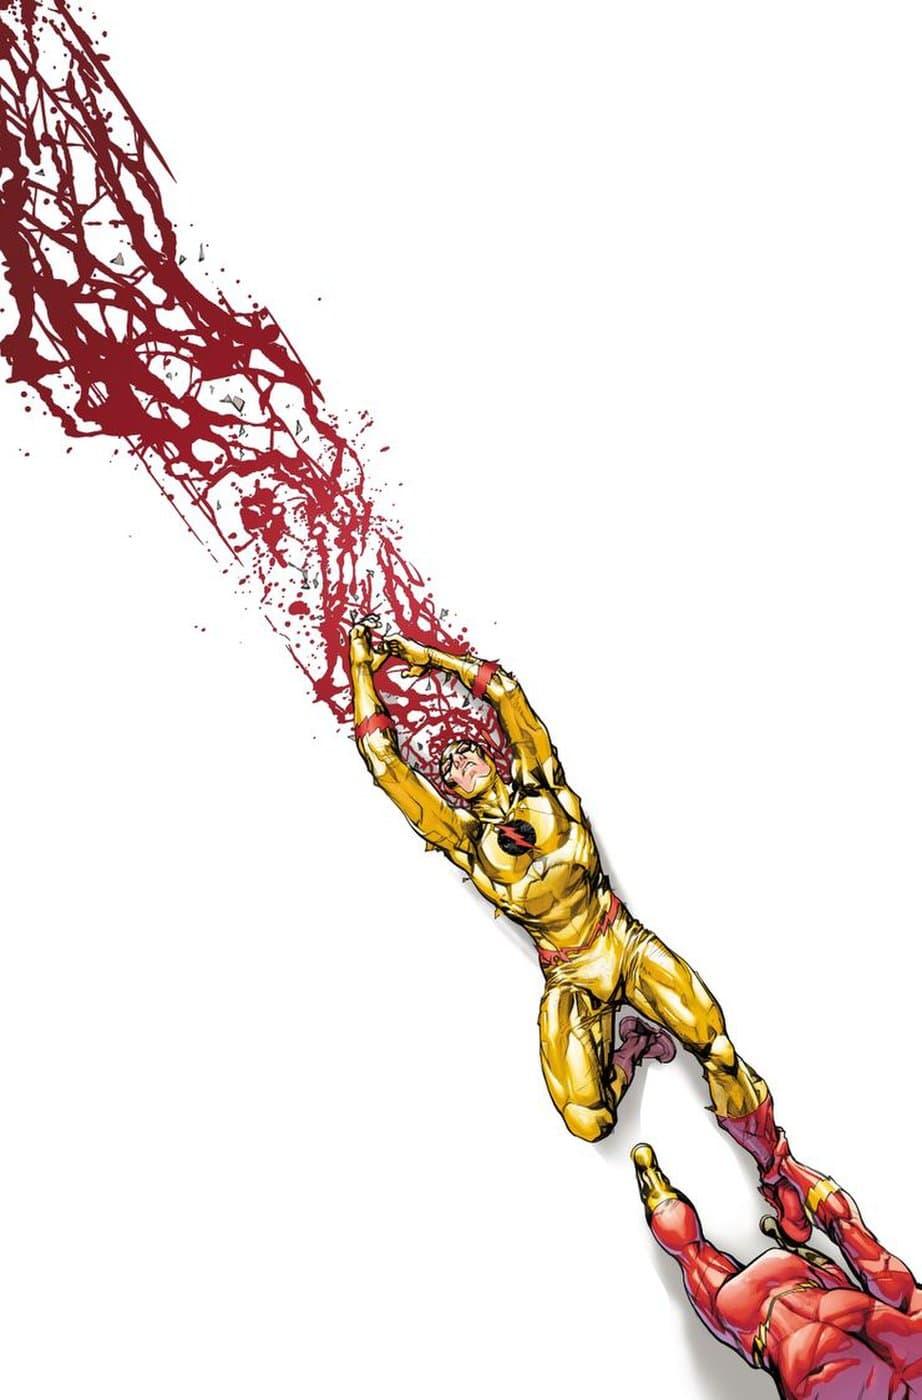 DC annonce Finish Line, dernier arc de Williamson sur Flash 3